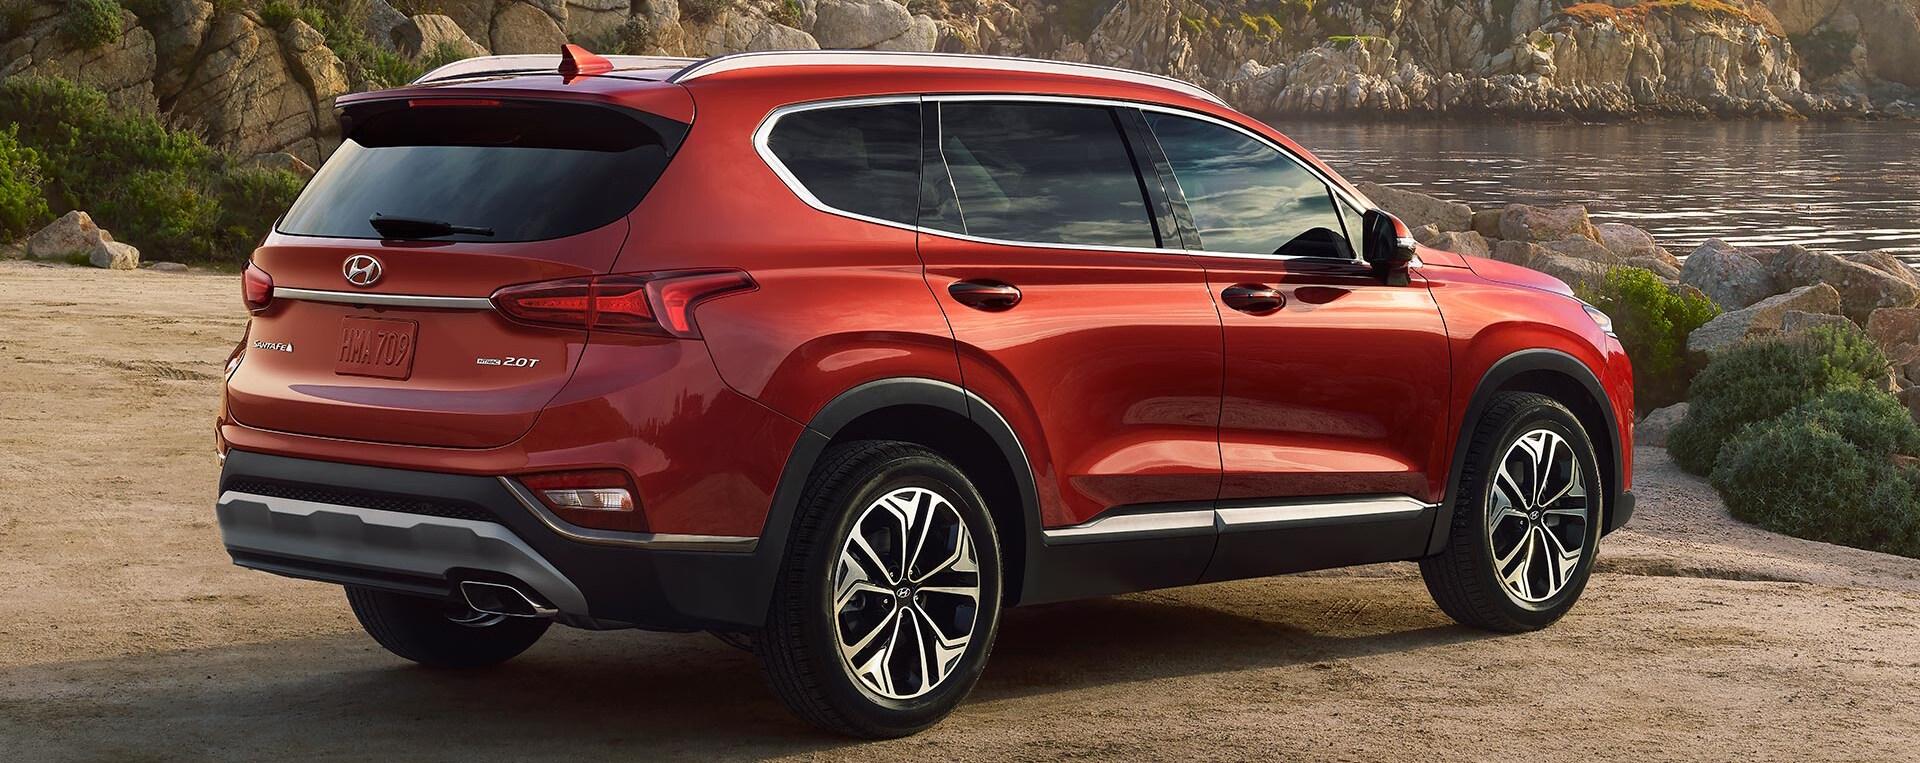 2019 Hyundai Santa Fe Passenger Capacity